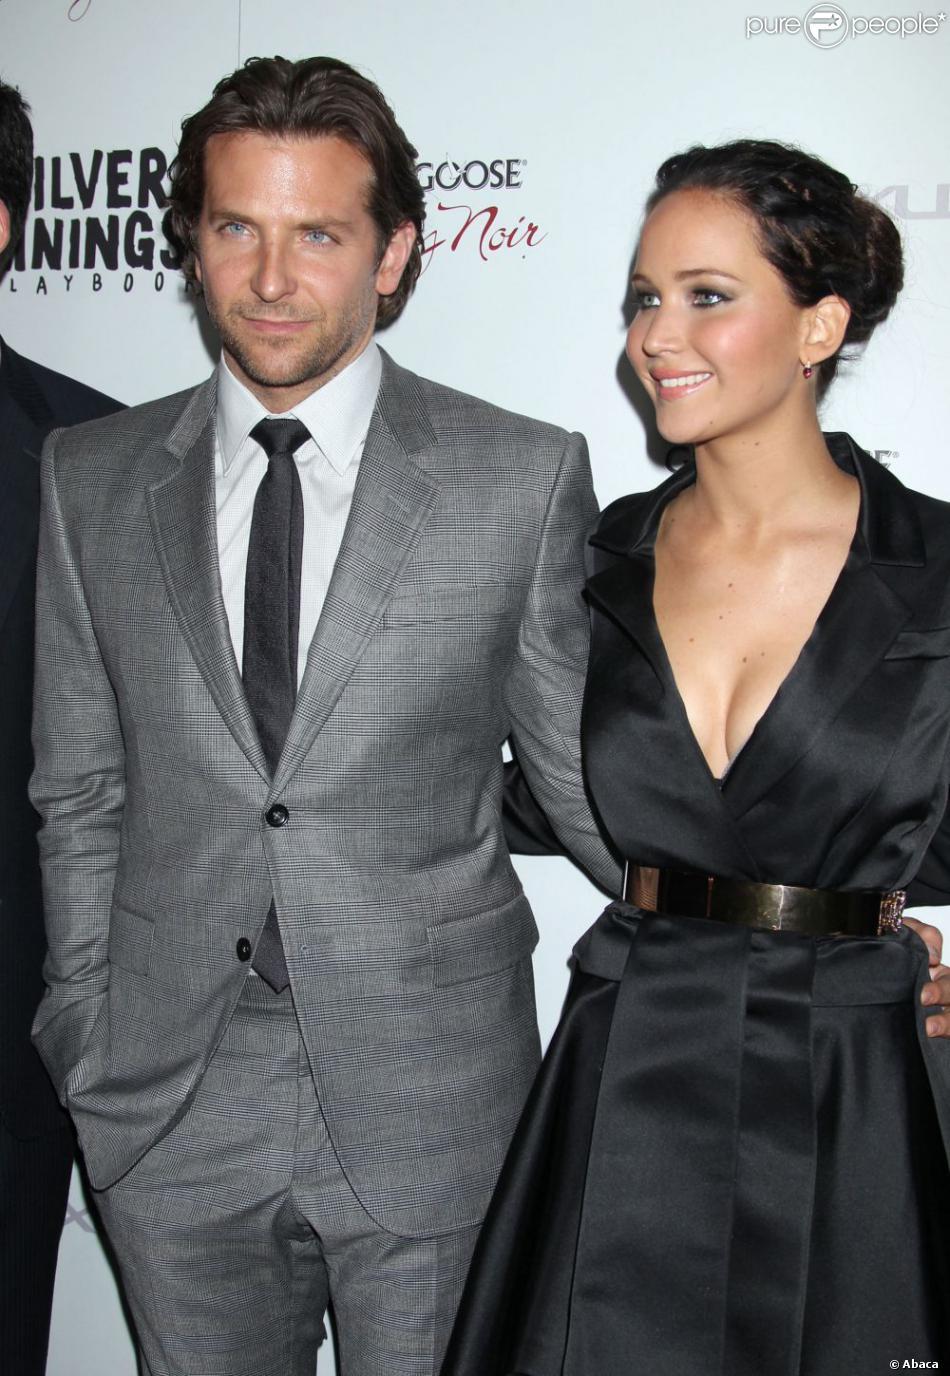 Bradley Cooper aux côtés d'une ardente Jennifer Lawrence arborant un decolleté sexy pour la première de  Happiness Therapy  organisée par The Weinstein Company à Beverly Hills, le 19 novembre 2012.